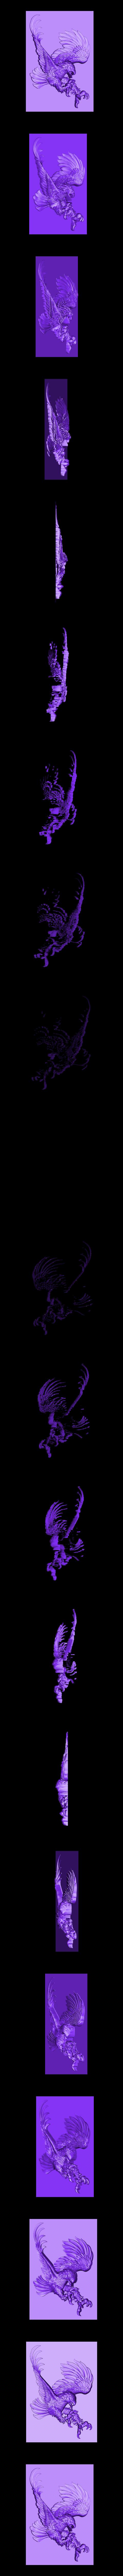 oneeagle.obj Télécharger fichier OBJ gratuit Aigle • Modèle imprimable en 3D, stlfilesfree